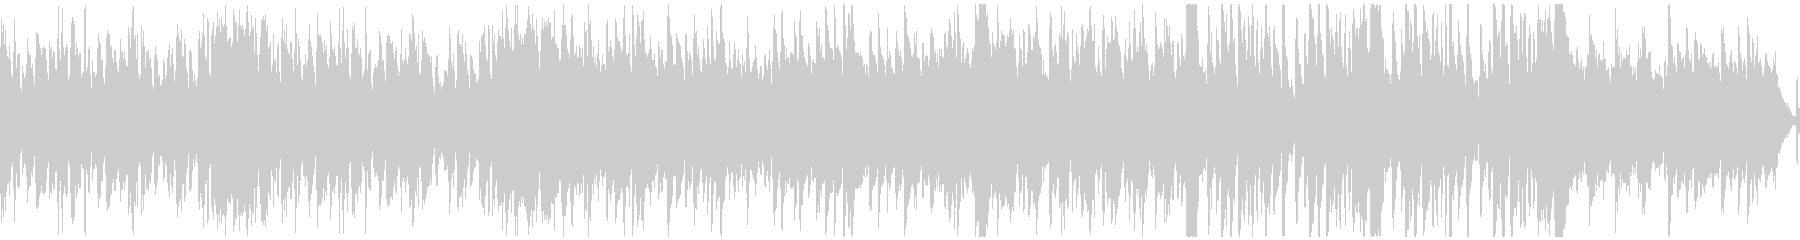 ファンシー&軽快なオーケストラ(ループ)の未再生の波形